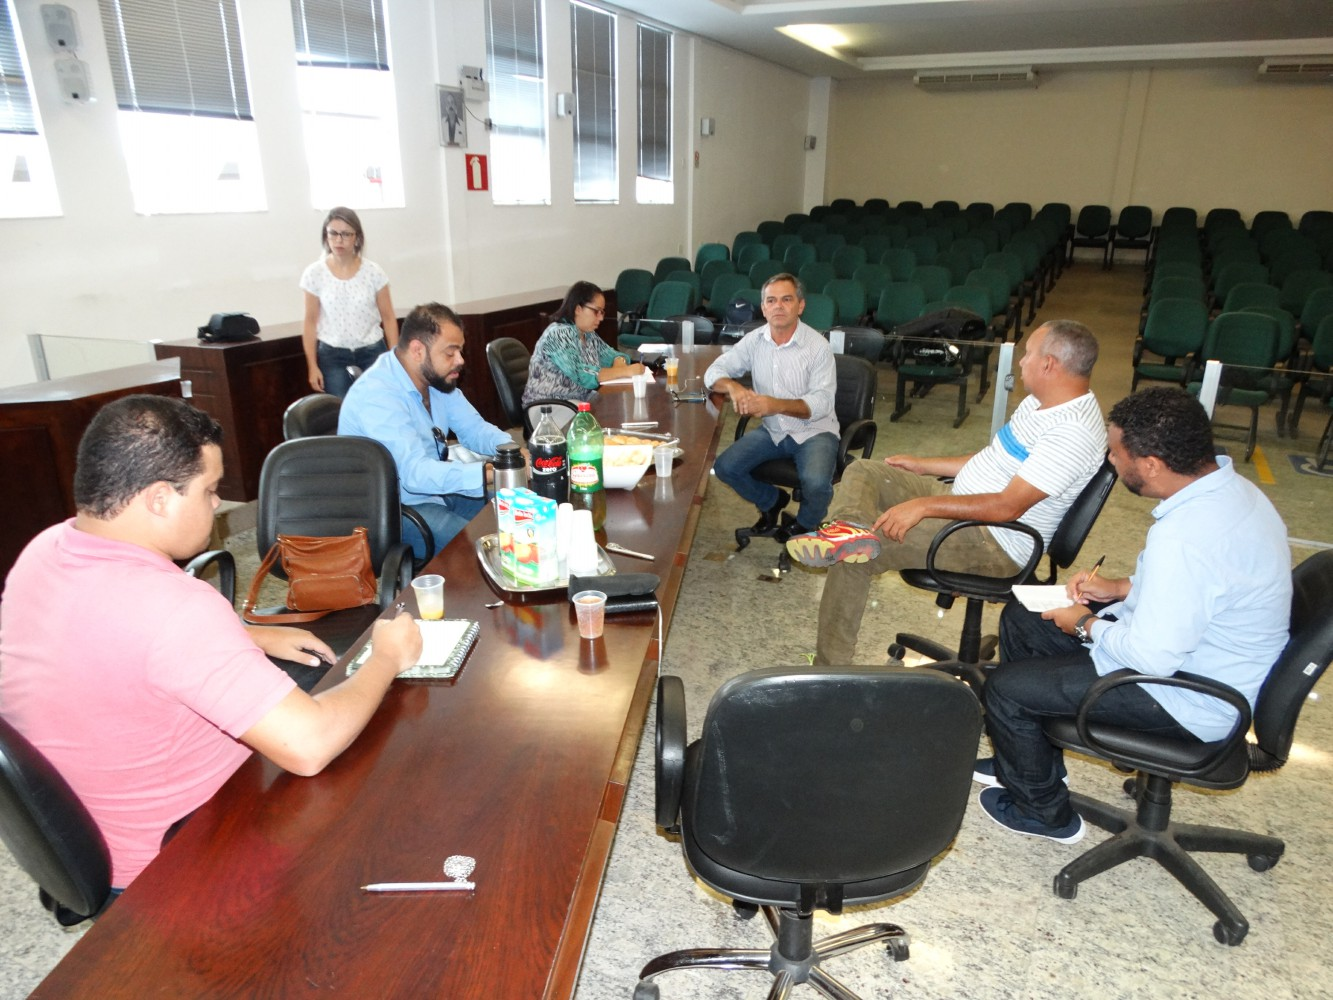 O encontro descontraído marcou o término da legislatura e serviu para que p presidente fizesse um balanço de sua gestão